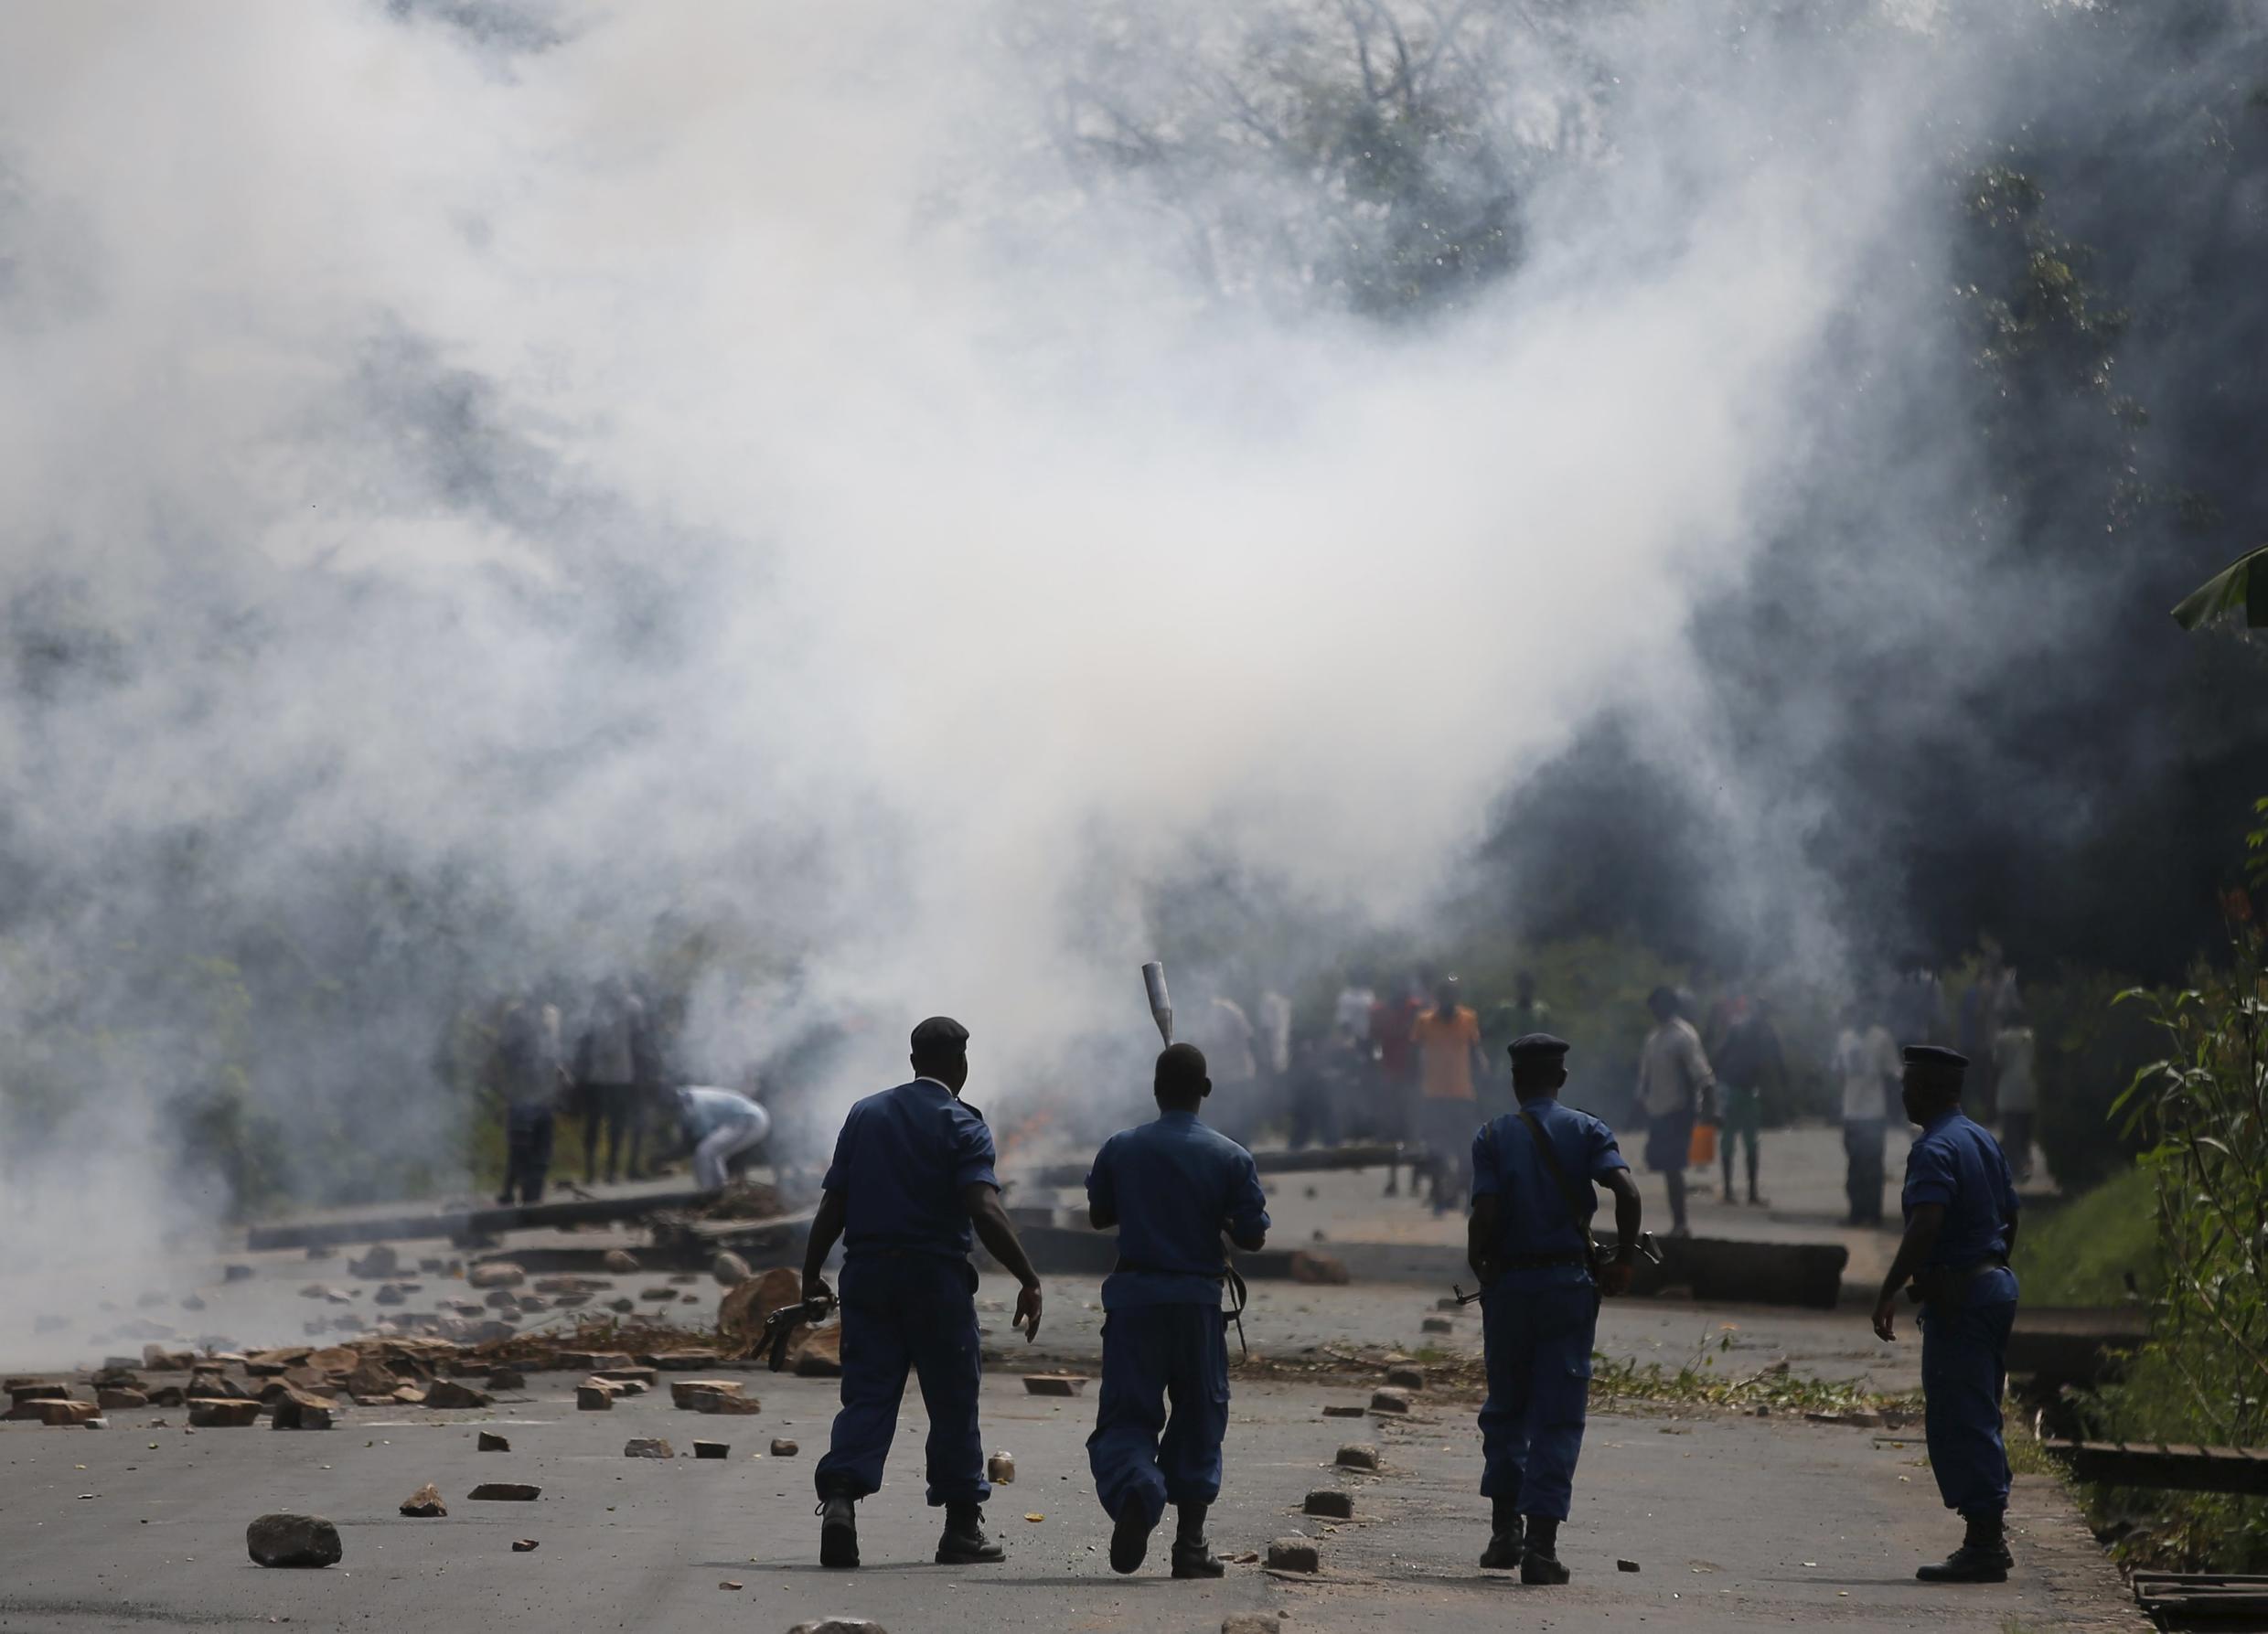 Des policiers viennent de tirer des gaz lacrymogènes durant une manifestation à Bujumbura, le 21 mai 2015.